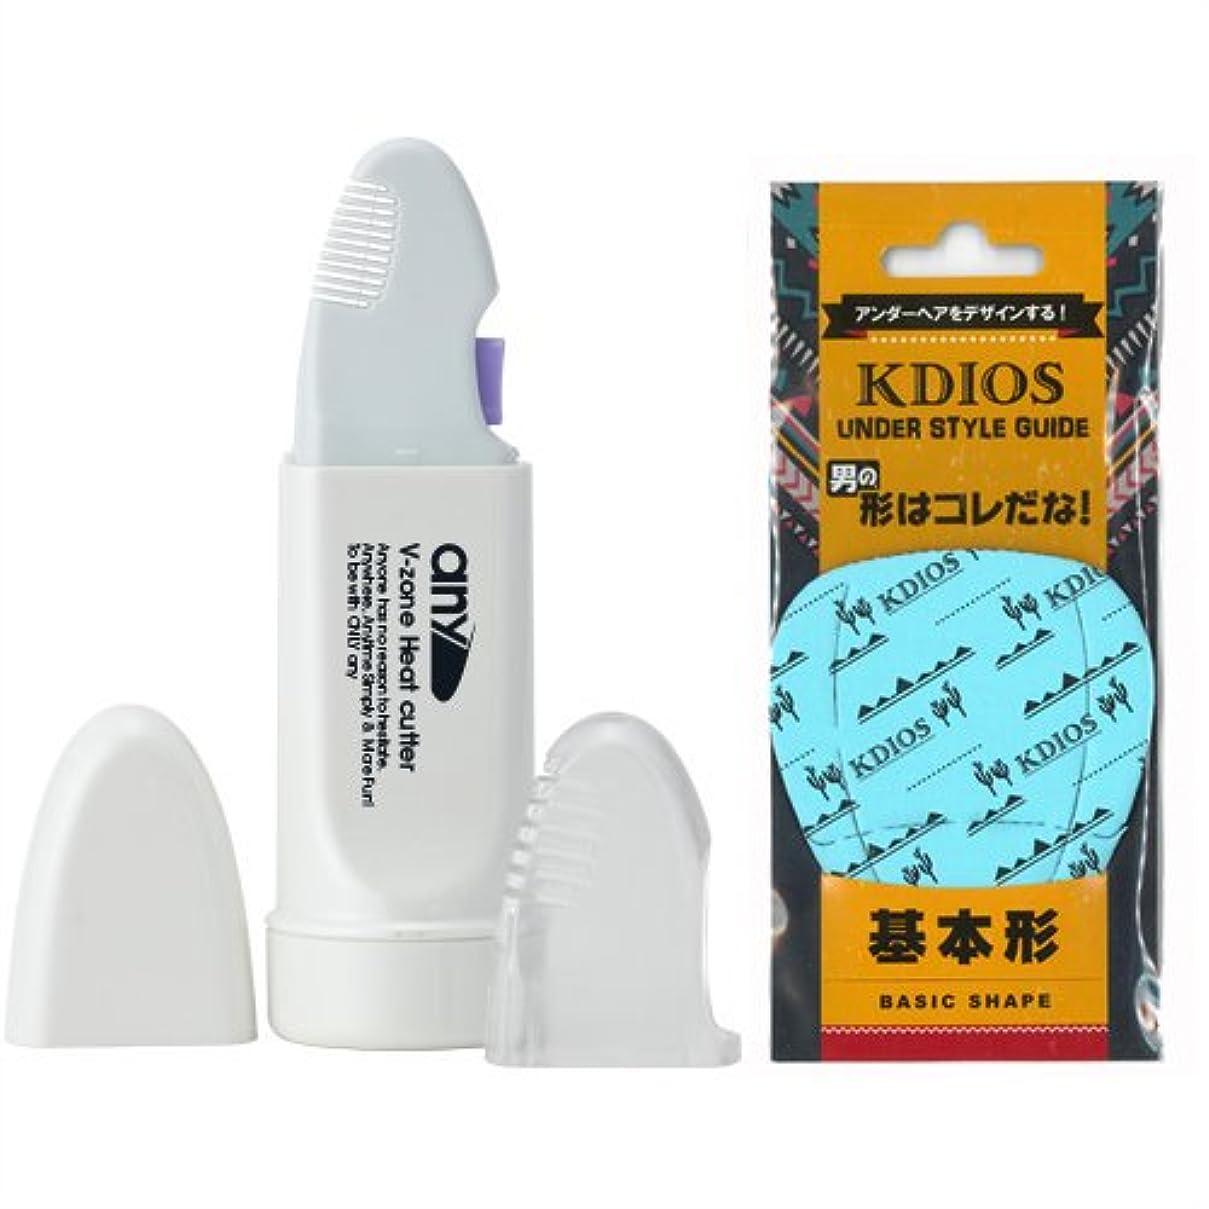 時代祈る磁器V-Zone Heat Cutter any Stylish(パールホワイト) + アンダースタイルガイド(KDIOS基本形) セット